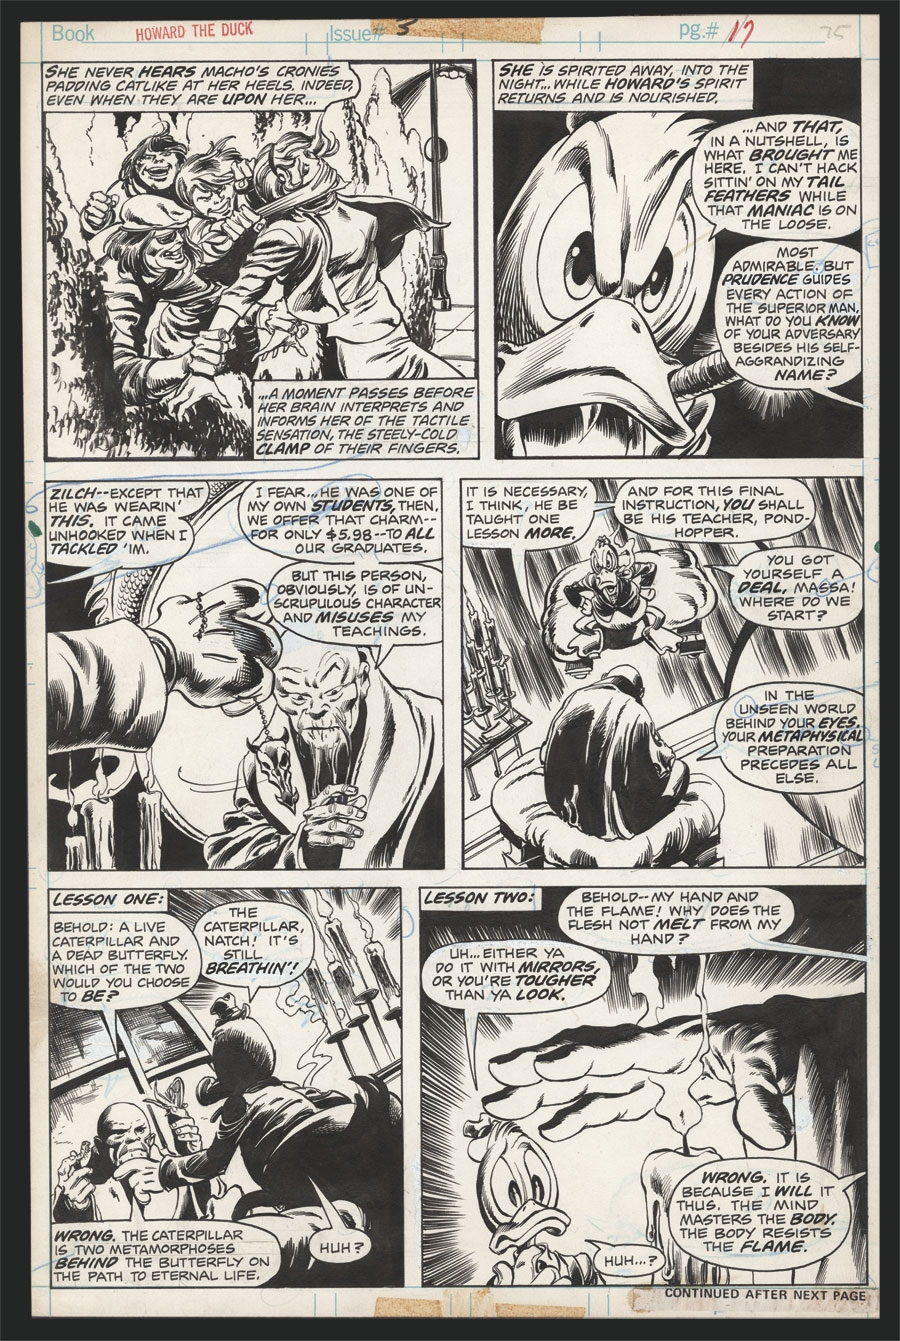 Howard The Duck #3 Pg 17 by John Buscema and Steve Leialoha